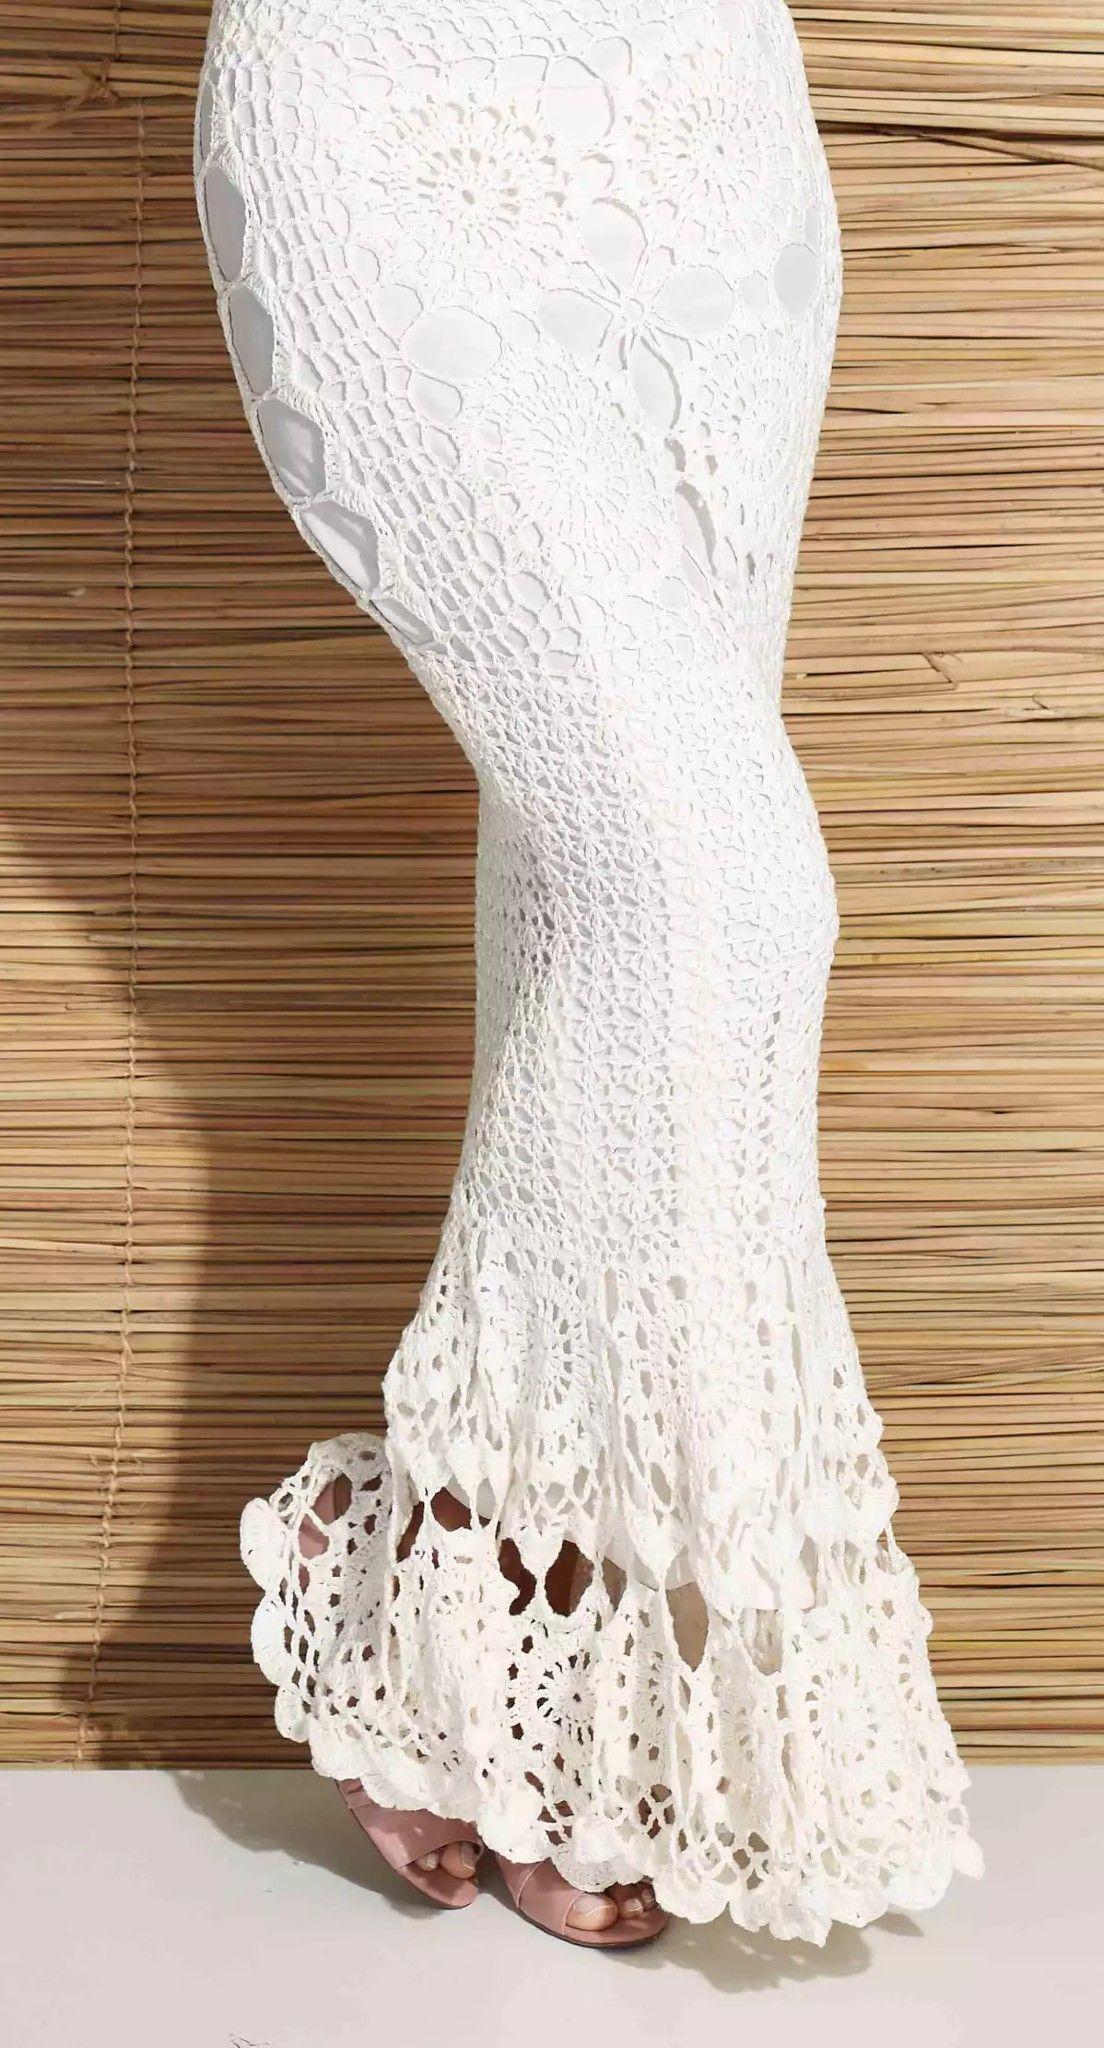 8c990af39a Esse lindo vestido de crochê pode ser usado para casamentos durante o dia  ou à noite. As peças em crochê te levam de volta no tempo